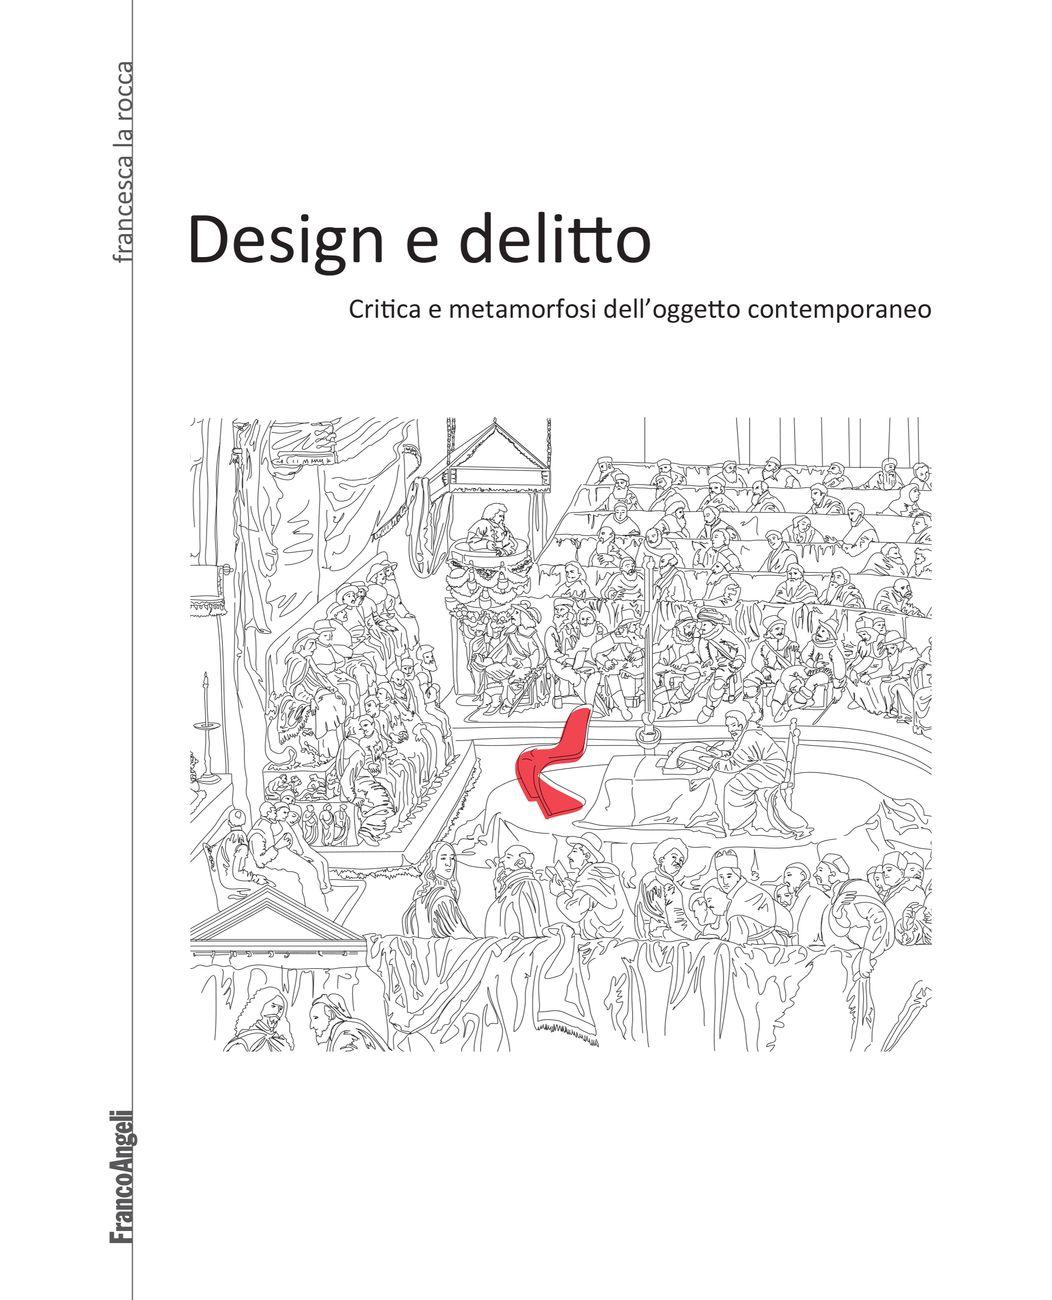 Francesca La Rocca ‒ Design e delitto (Franco Angeli, Milano 2017)